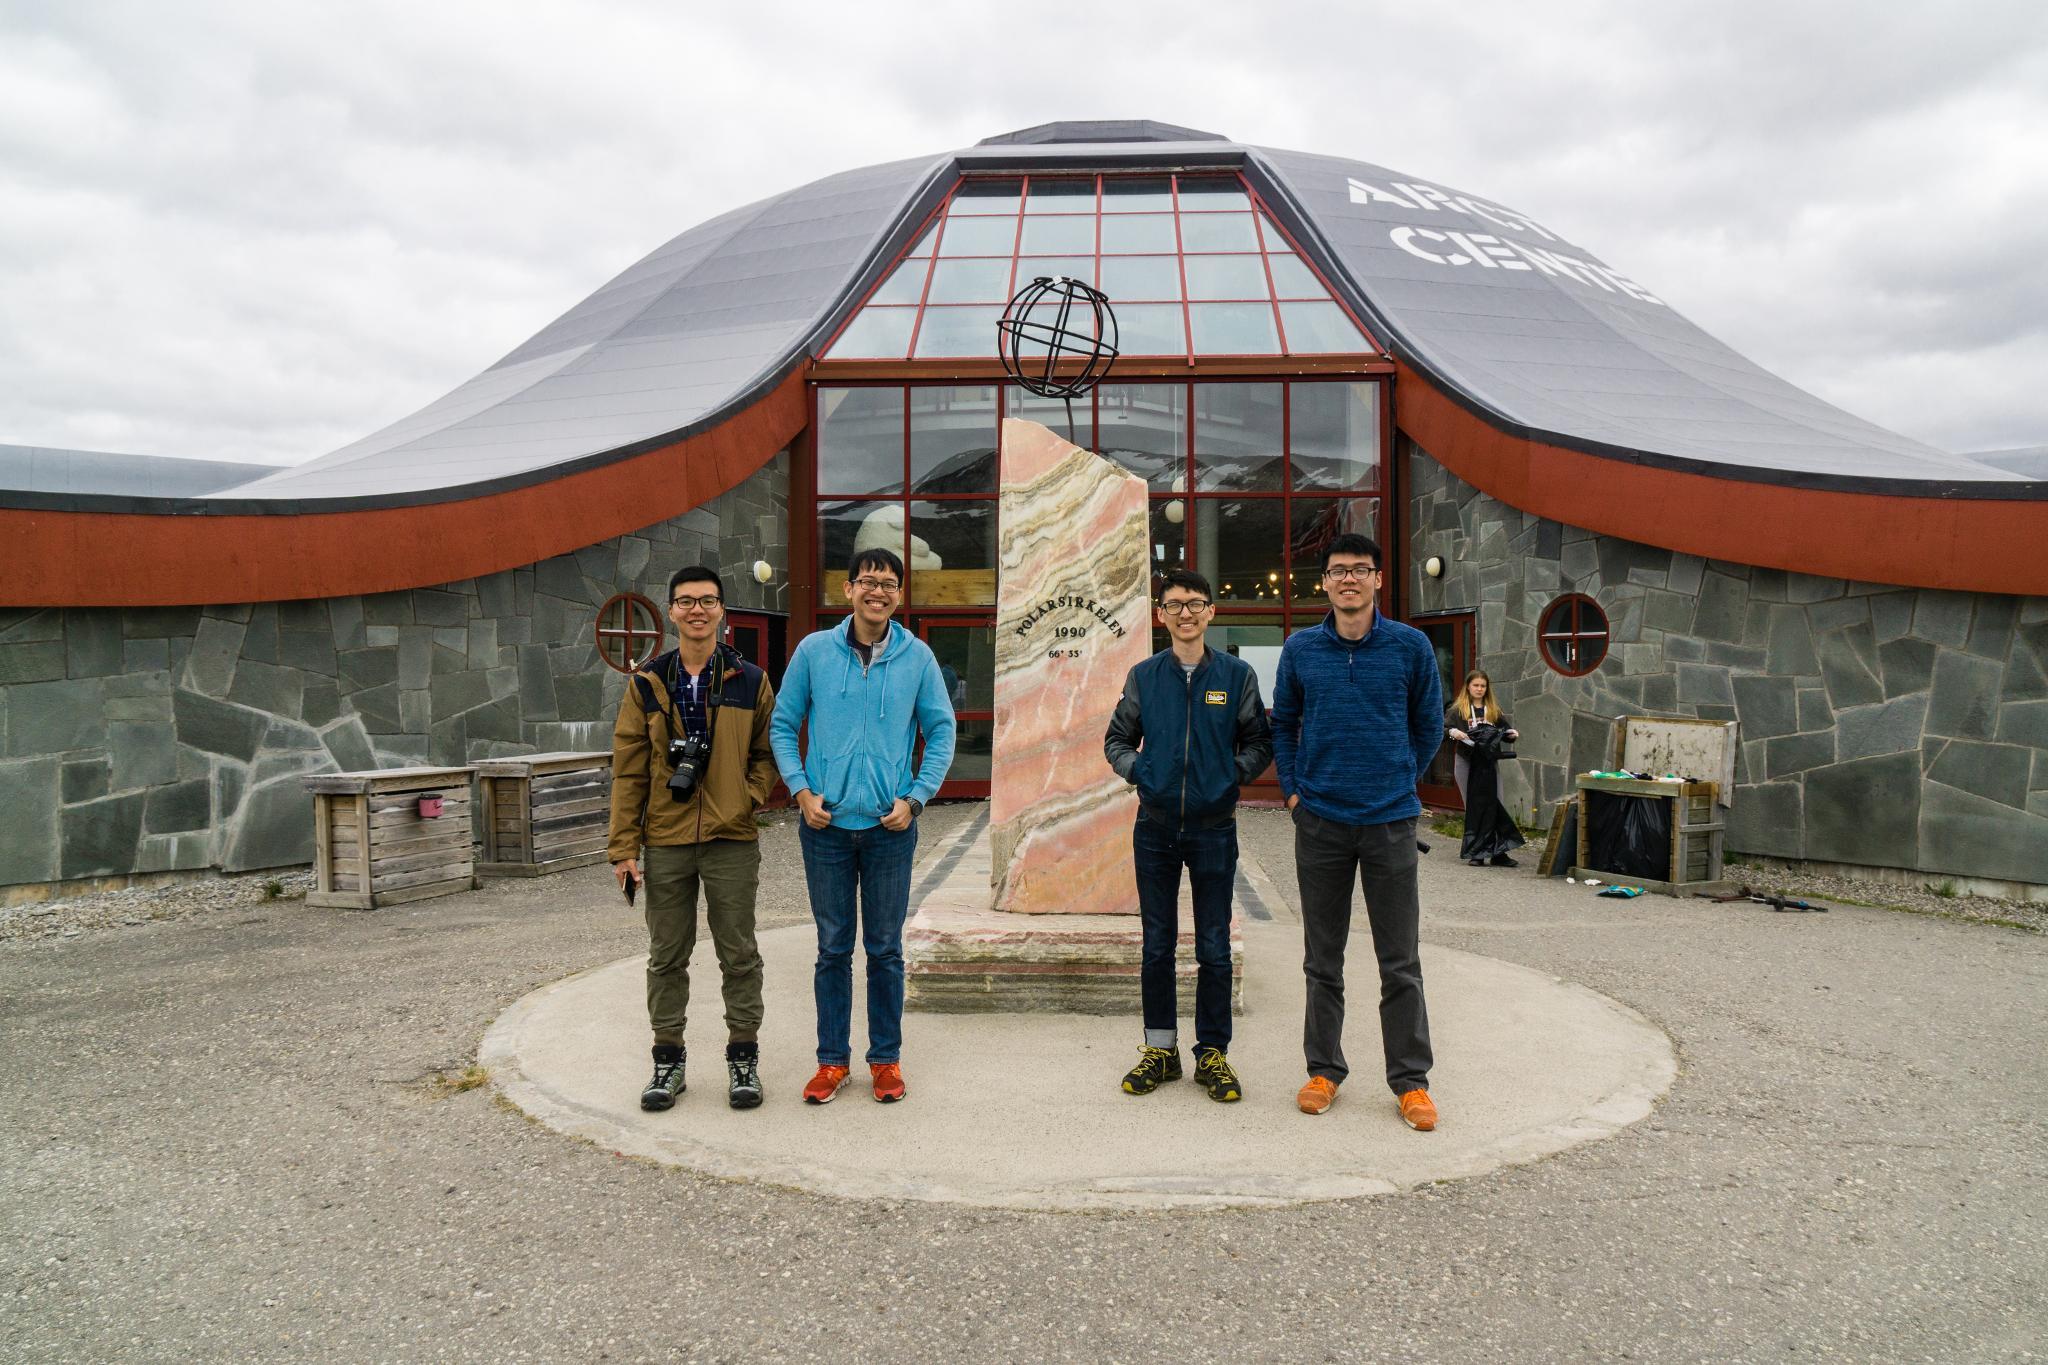 【北歐景點】通往極圈的重要門戶 - 挪威北極圈中心 The Arctic Circle Centre 1